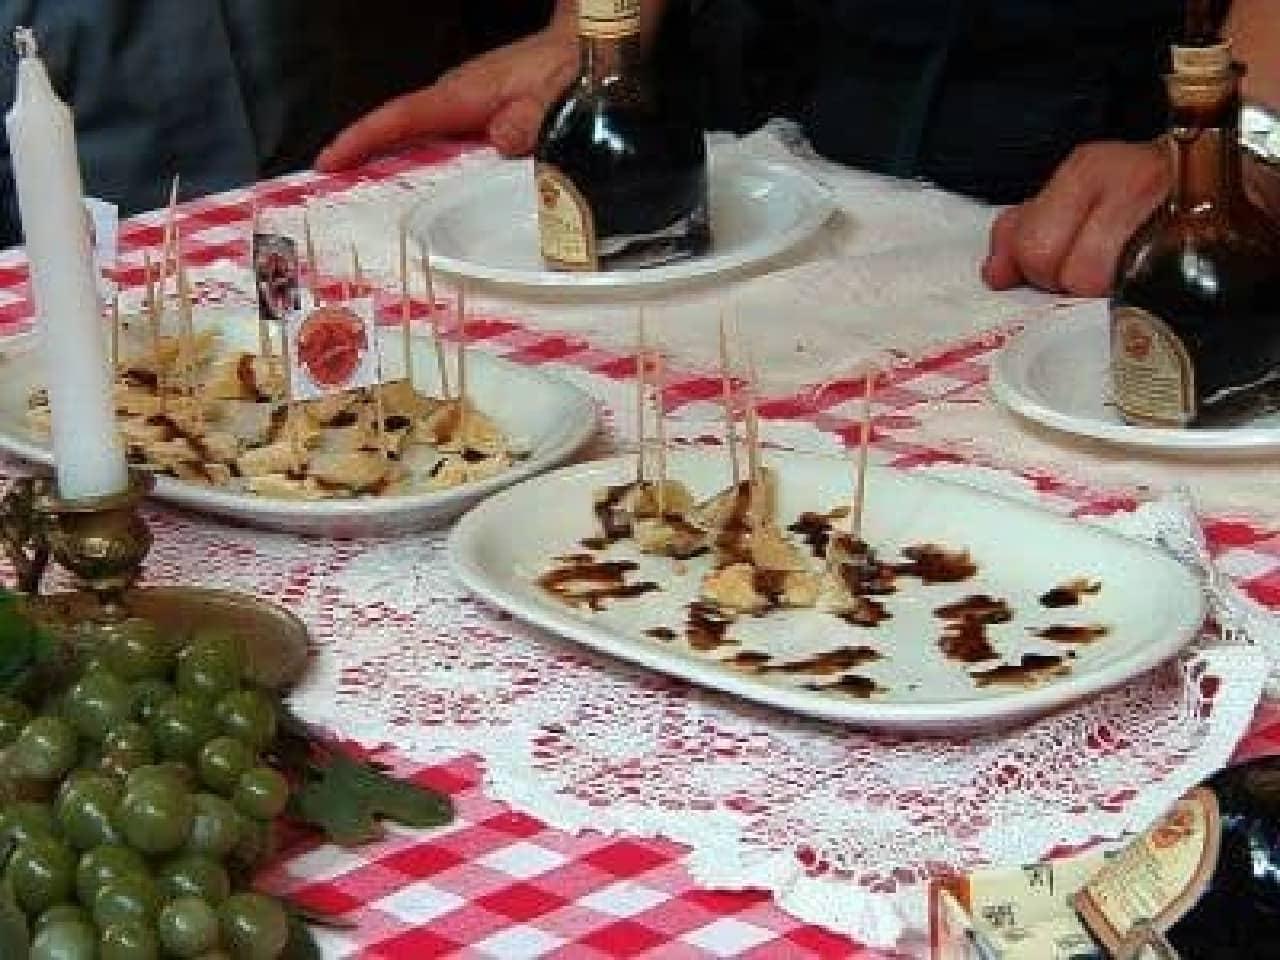 チーズ食事風景 写真提供:Wikipedia)